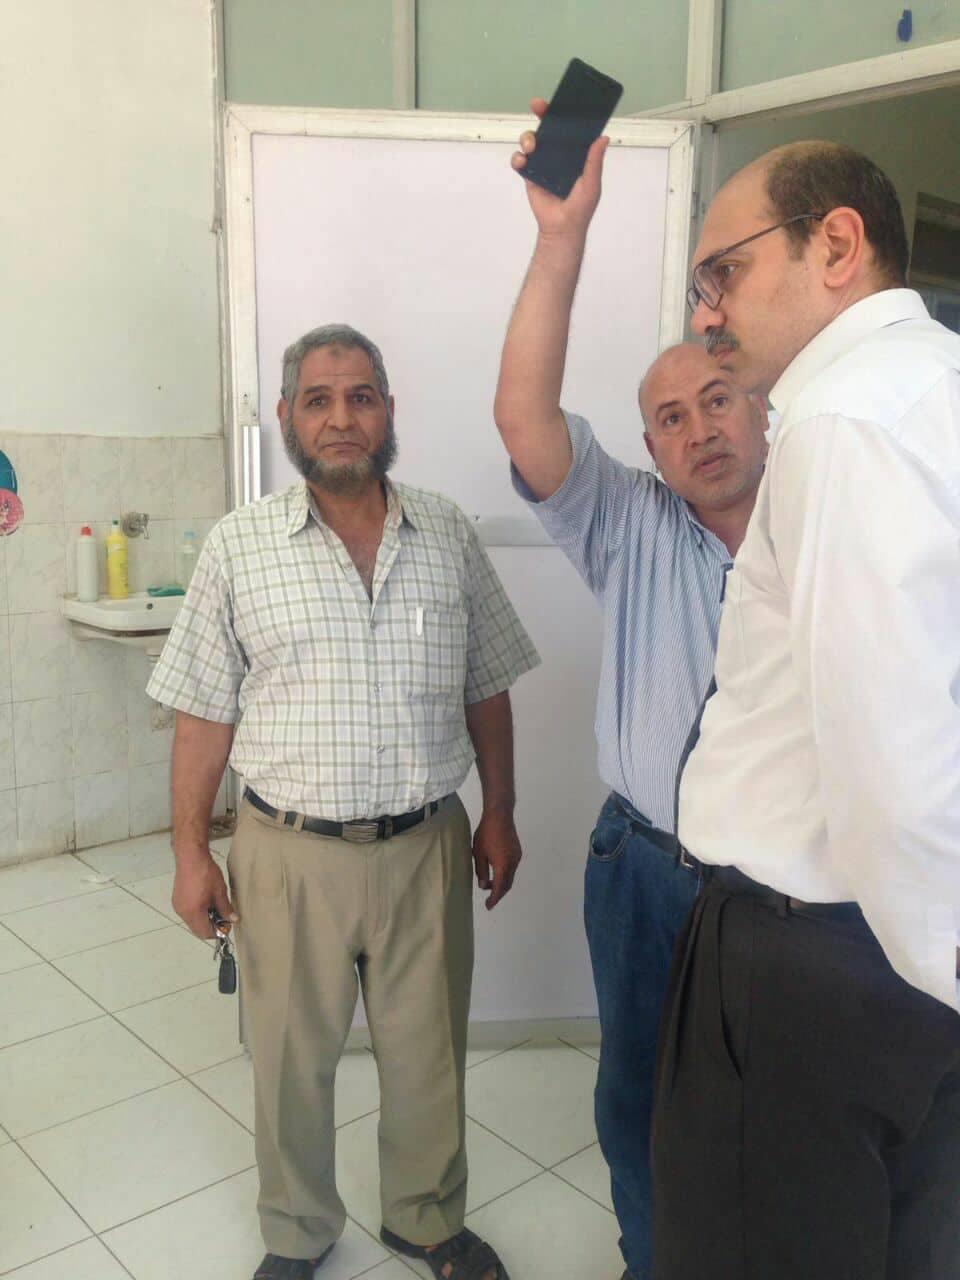 مدير مستشفيات الشرقية يقرر تحويل ممرضة بمستشفى أبوكبير للتحقيق